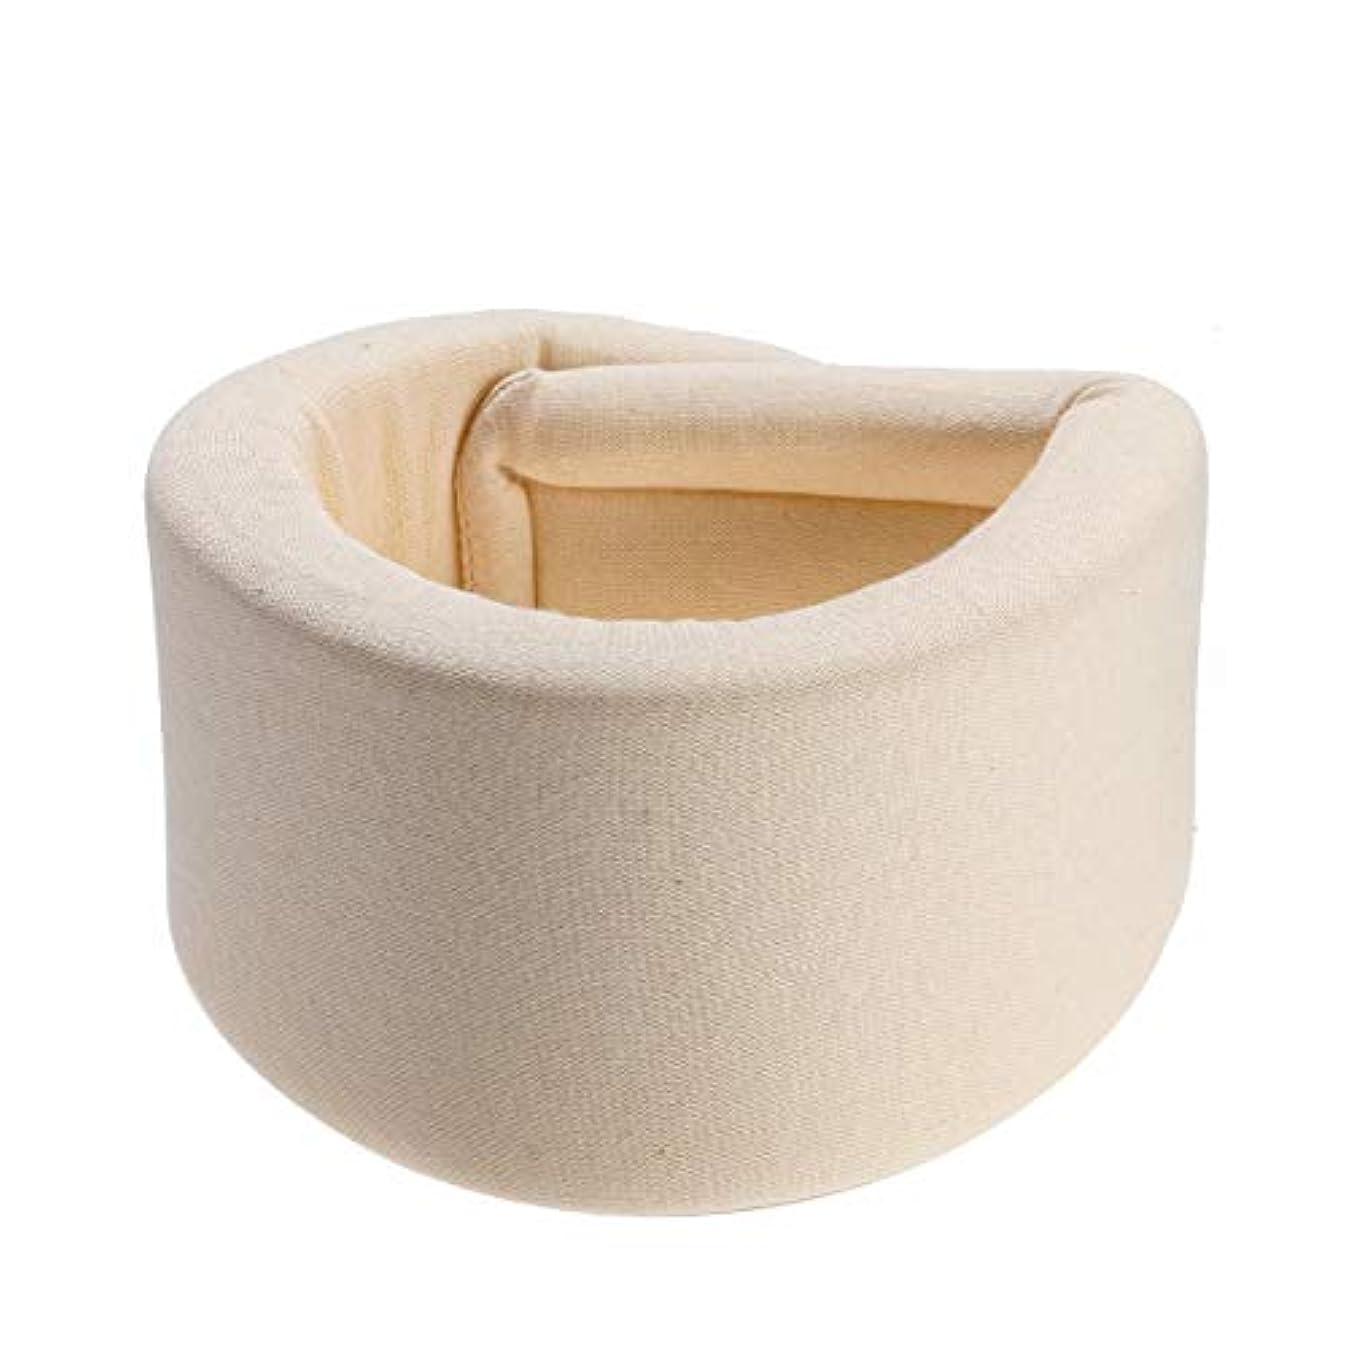 取得闘争敬礼HEALLILY 首装具サポートスポンジ頸部襟首の痛みを防ぐネックケア姿勢矯正器具(ベージュ) - サイズL